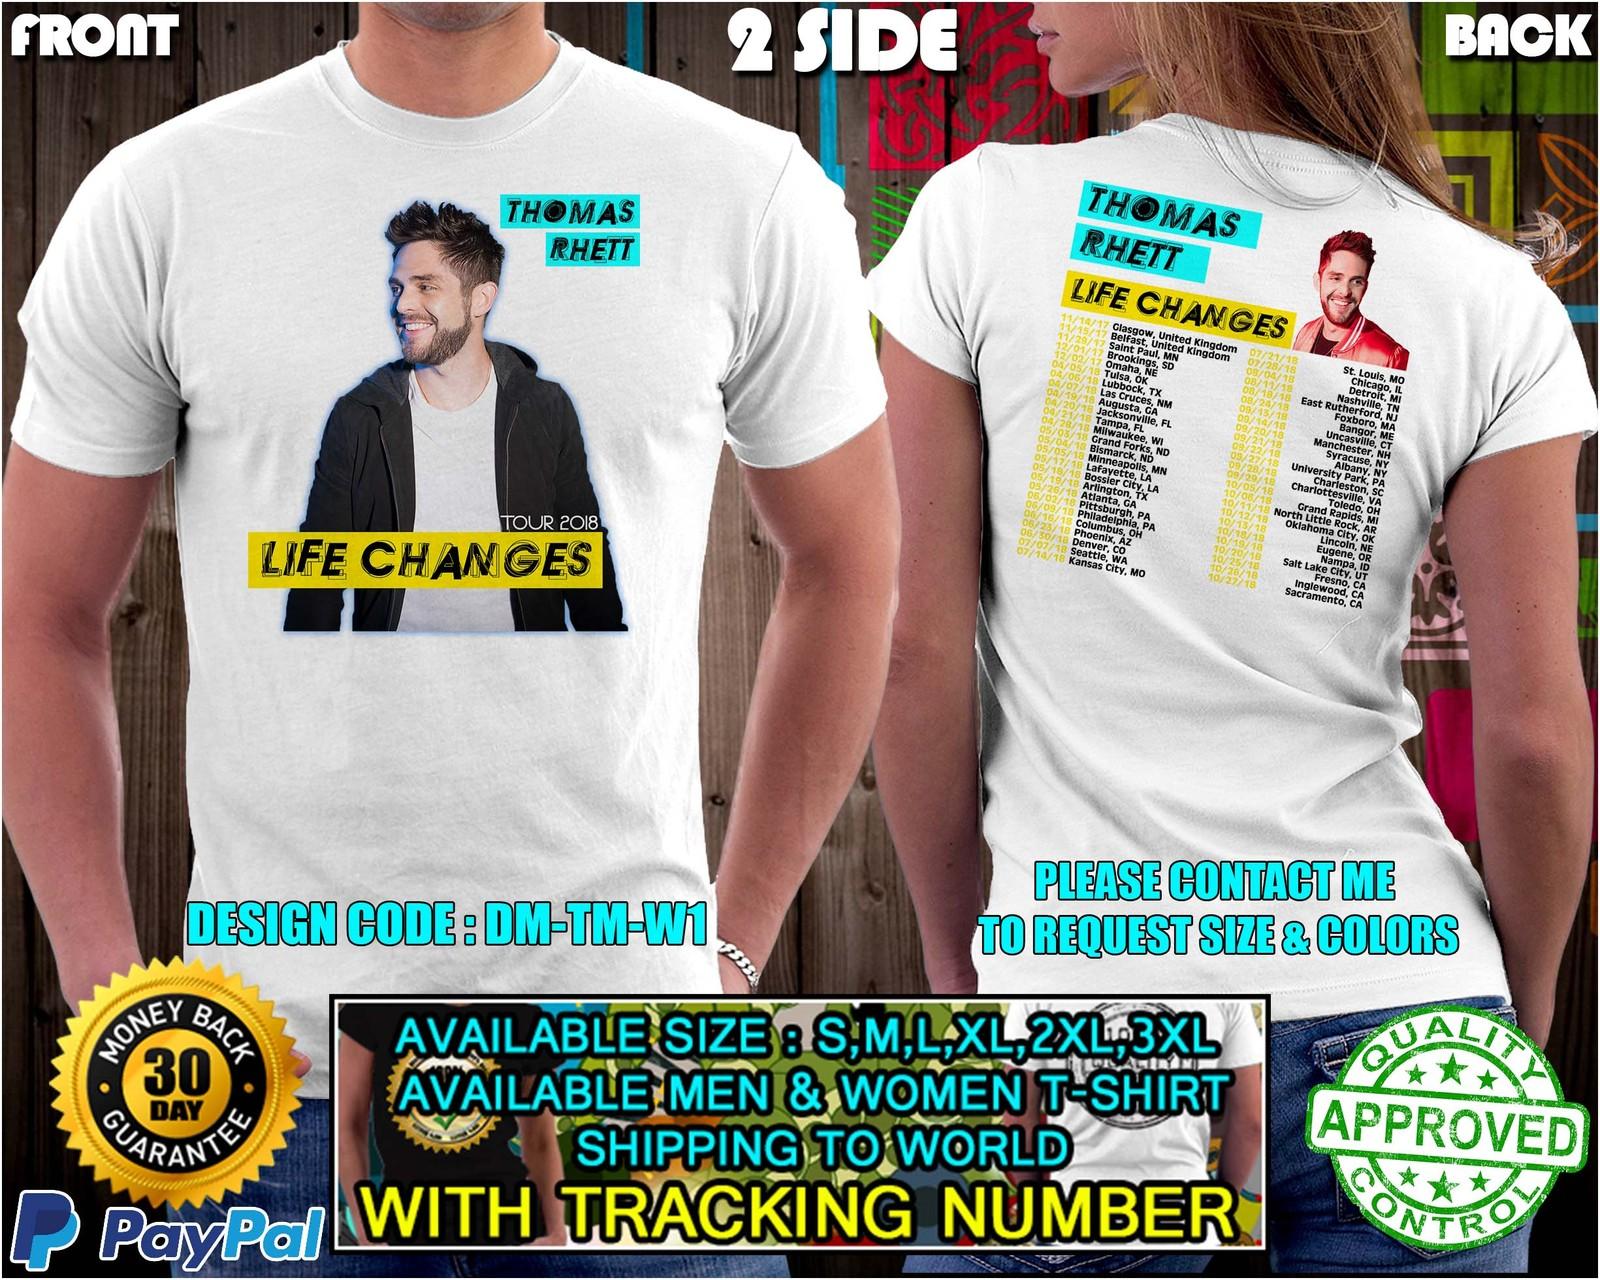 Custom T Shirts Albany Ny Image Of Shirt